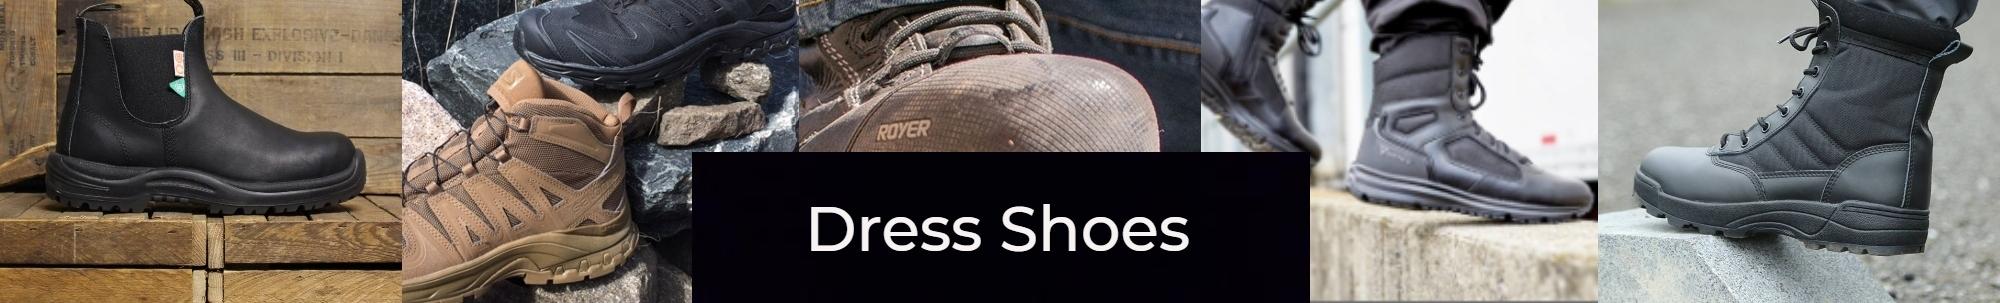 boots-maledress.jpg